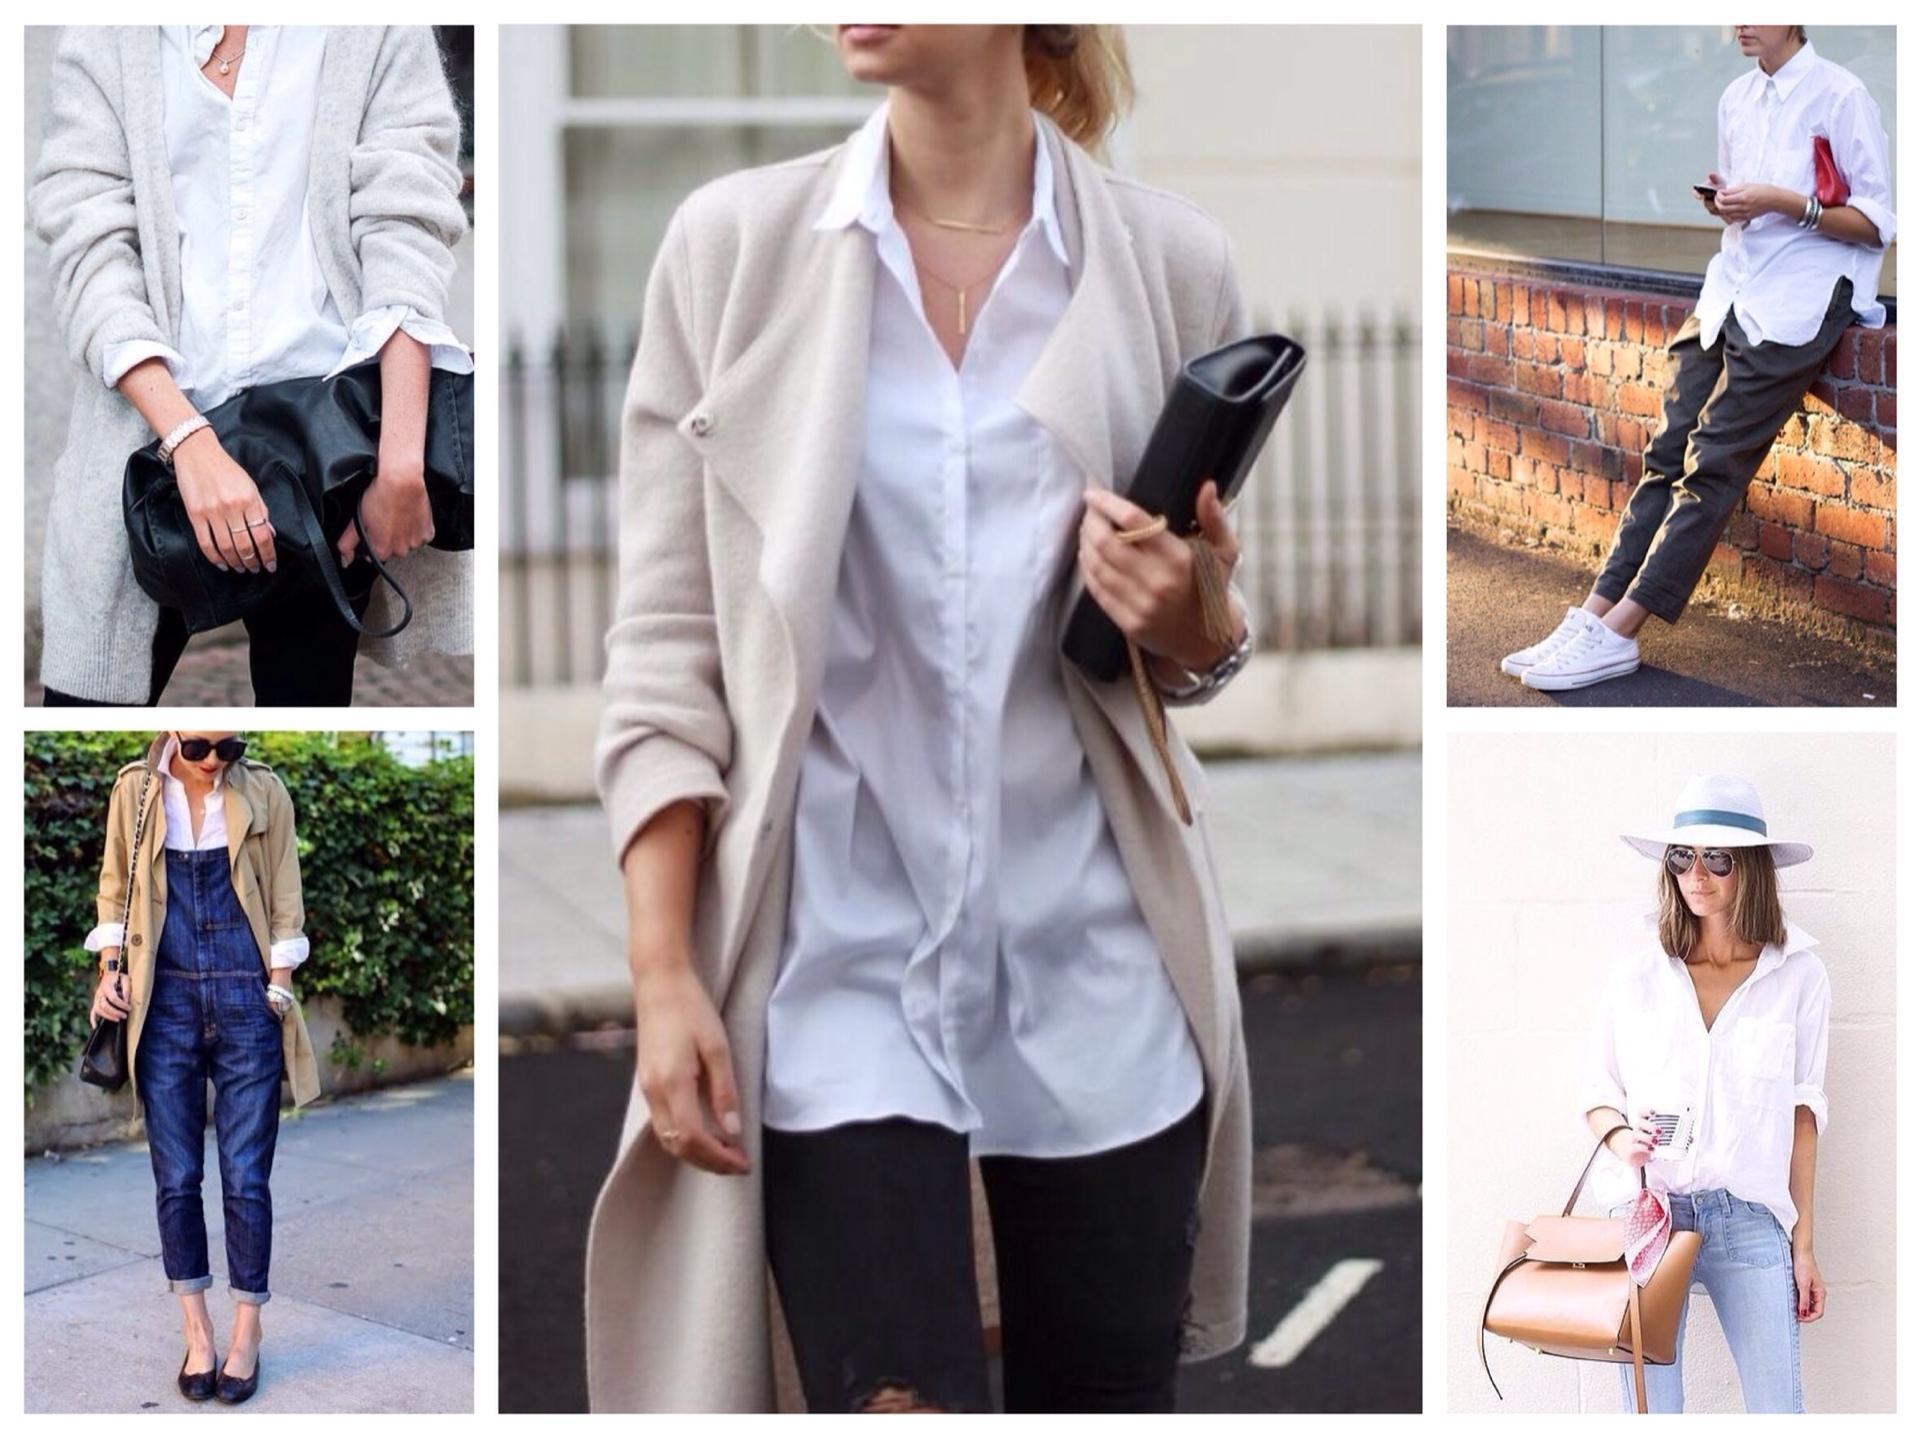 b18faf27462f С чем и как носить белую рубашку: фото, рекомендации